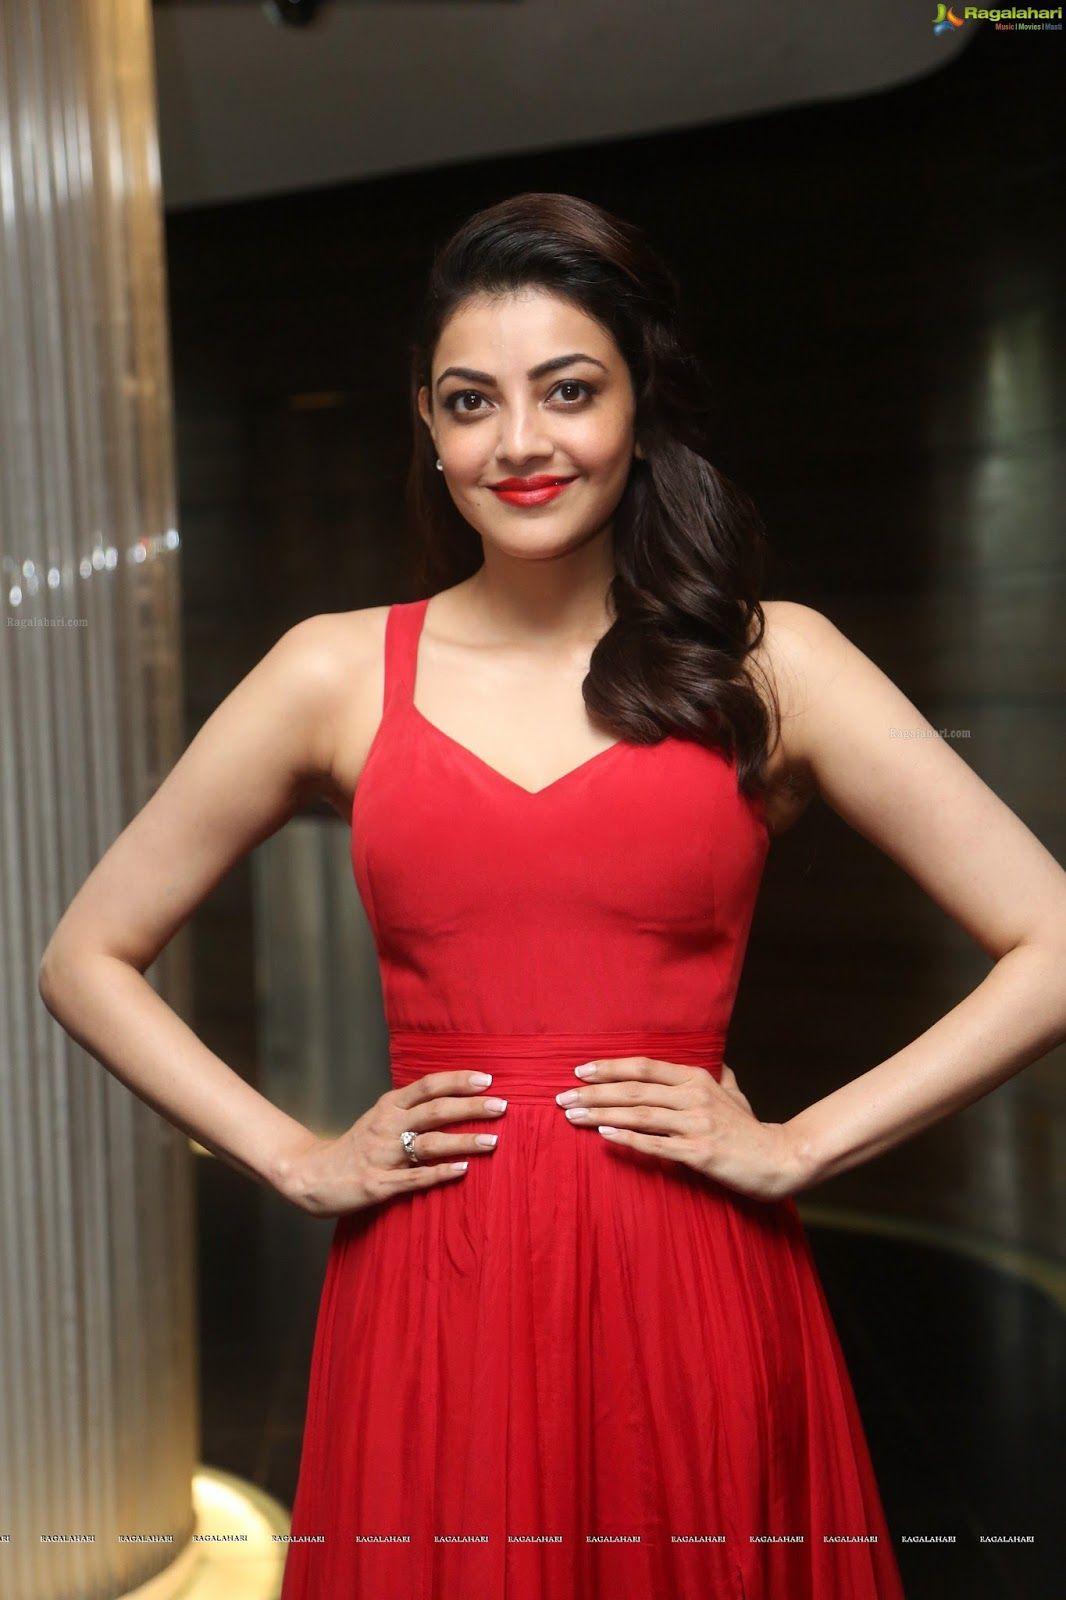 kajal aggarwal collection: kajal aggarwal red dress   kajal aggarwal